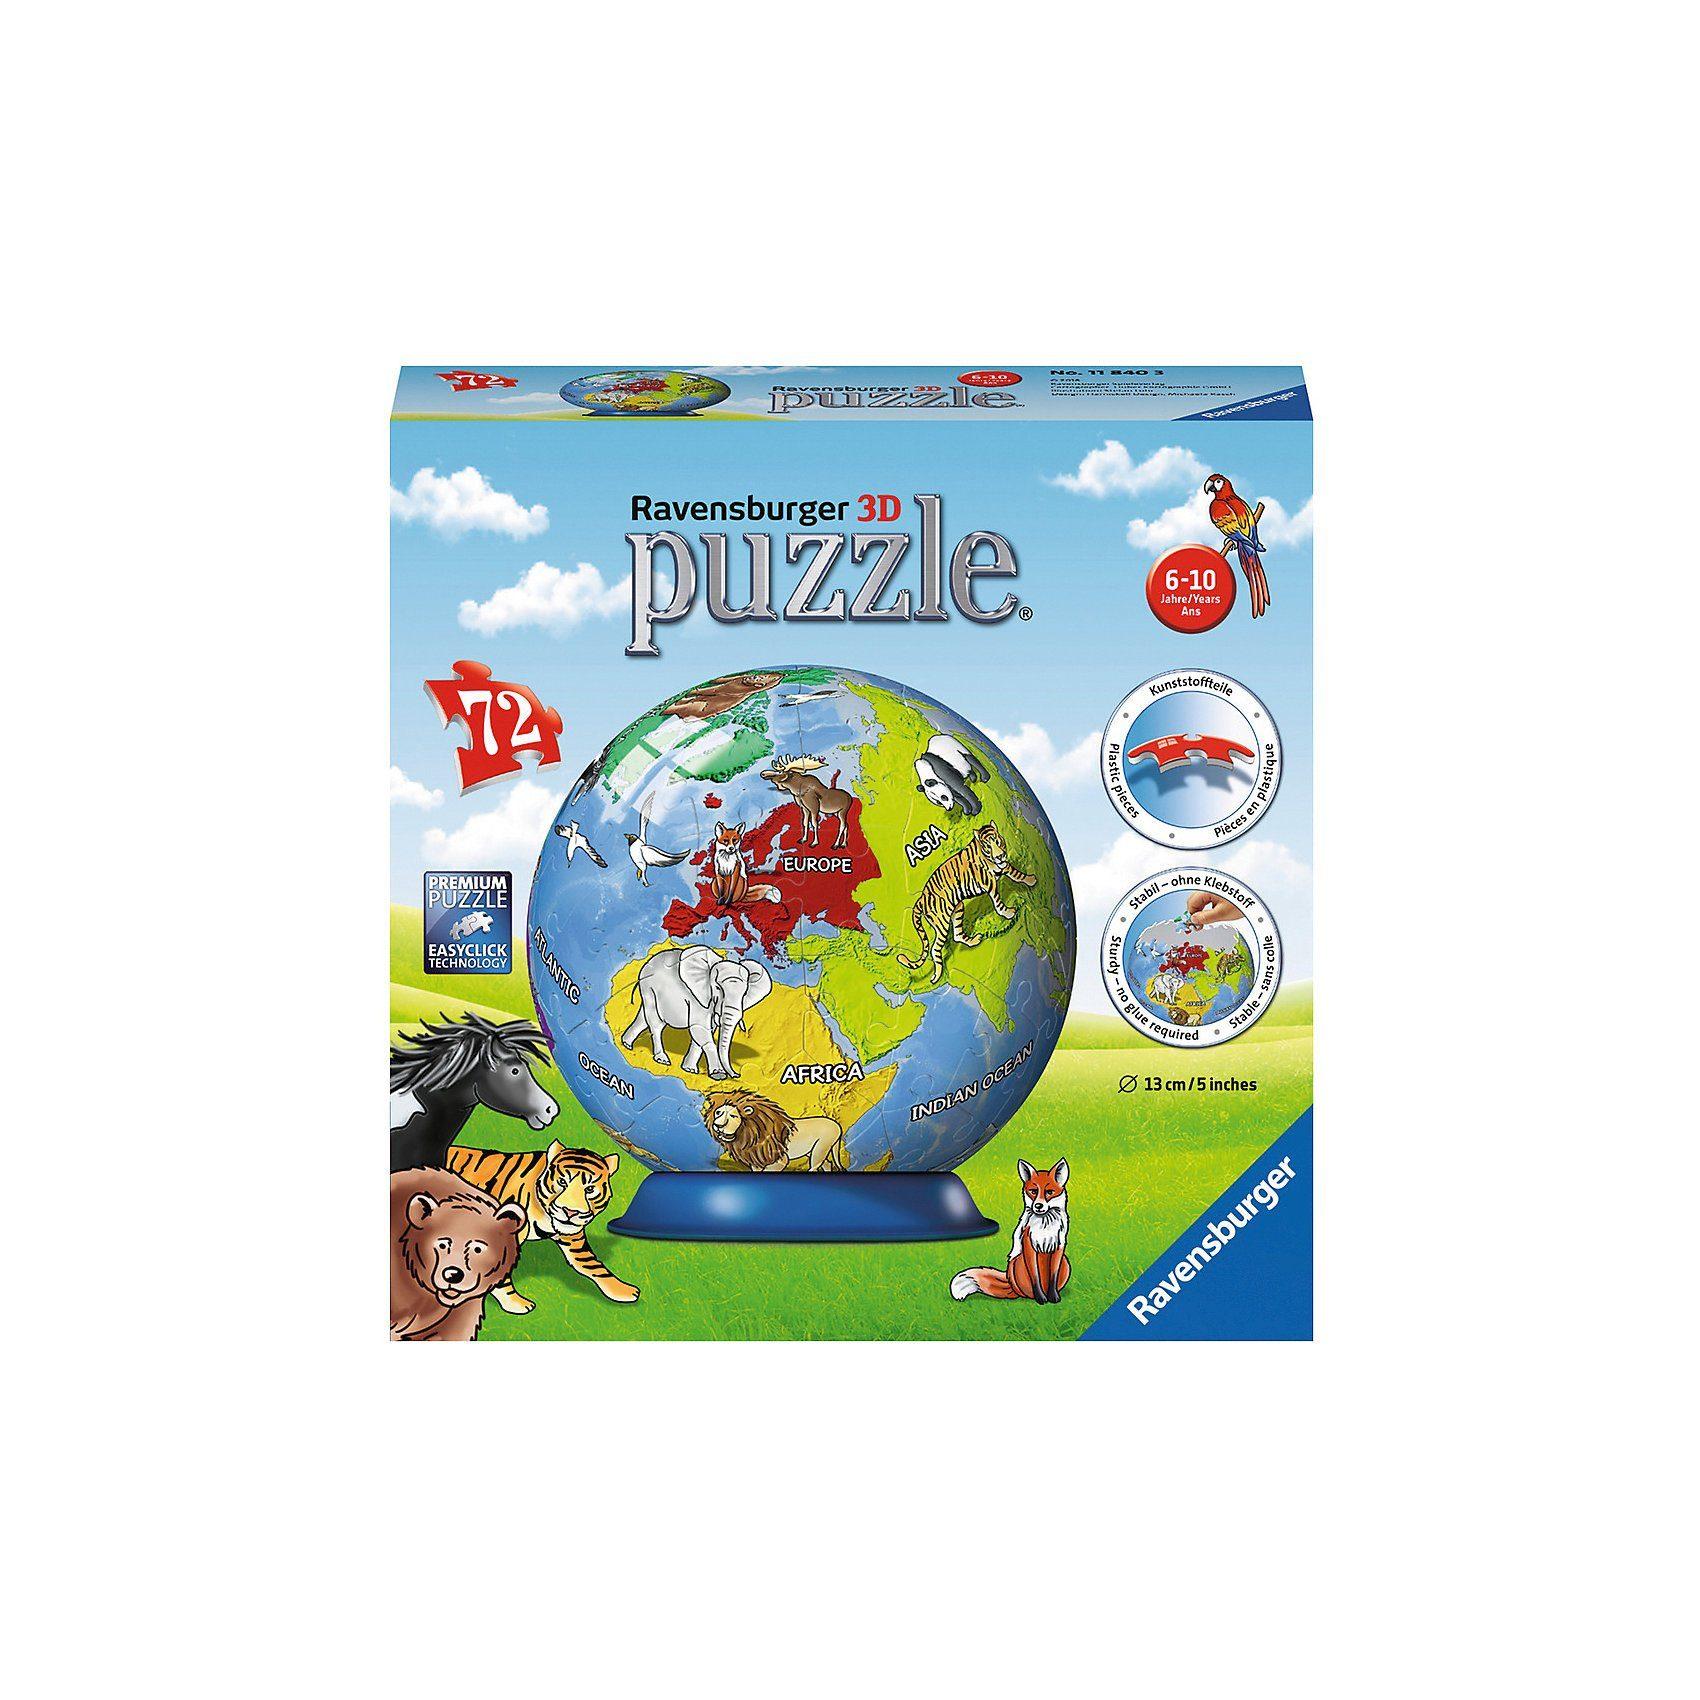 Ravensburger puzzleball® Kindererde 72 Teile